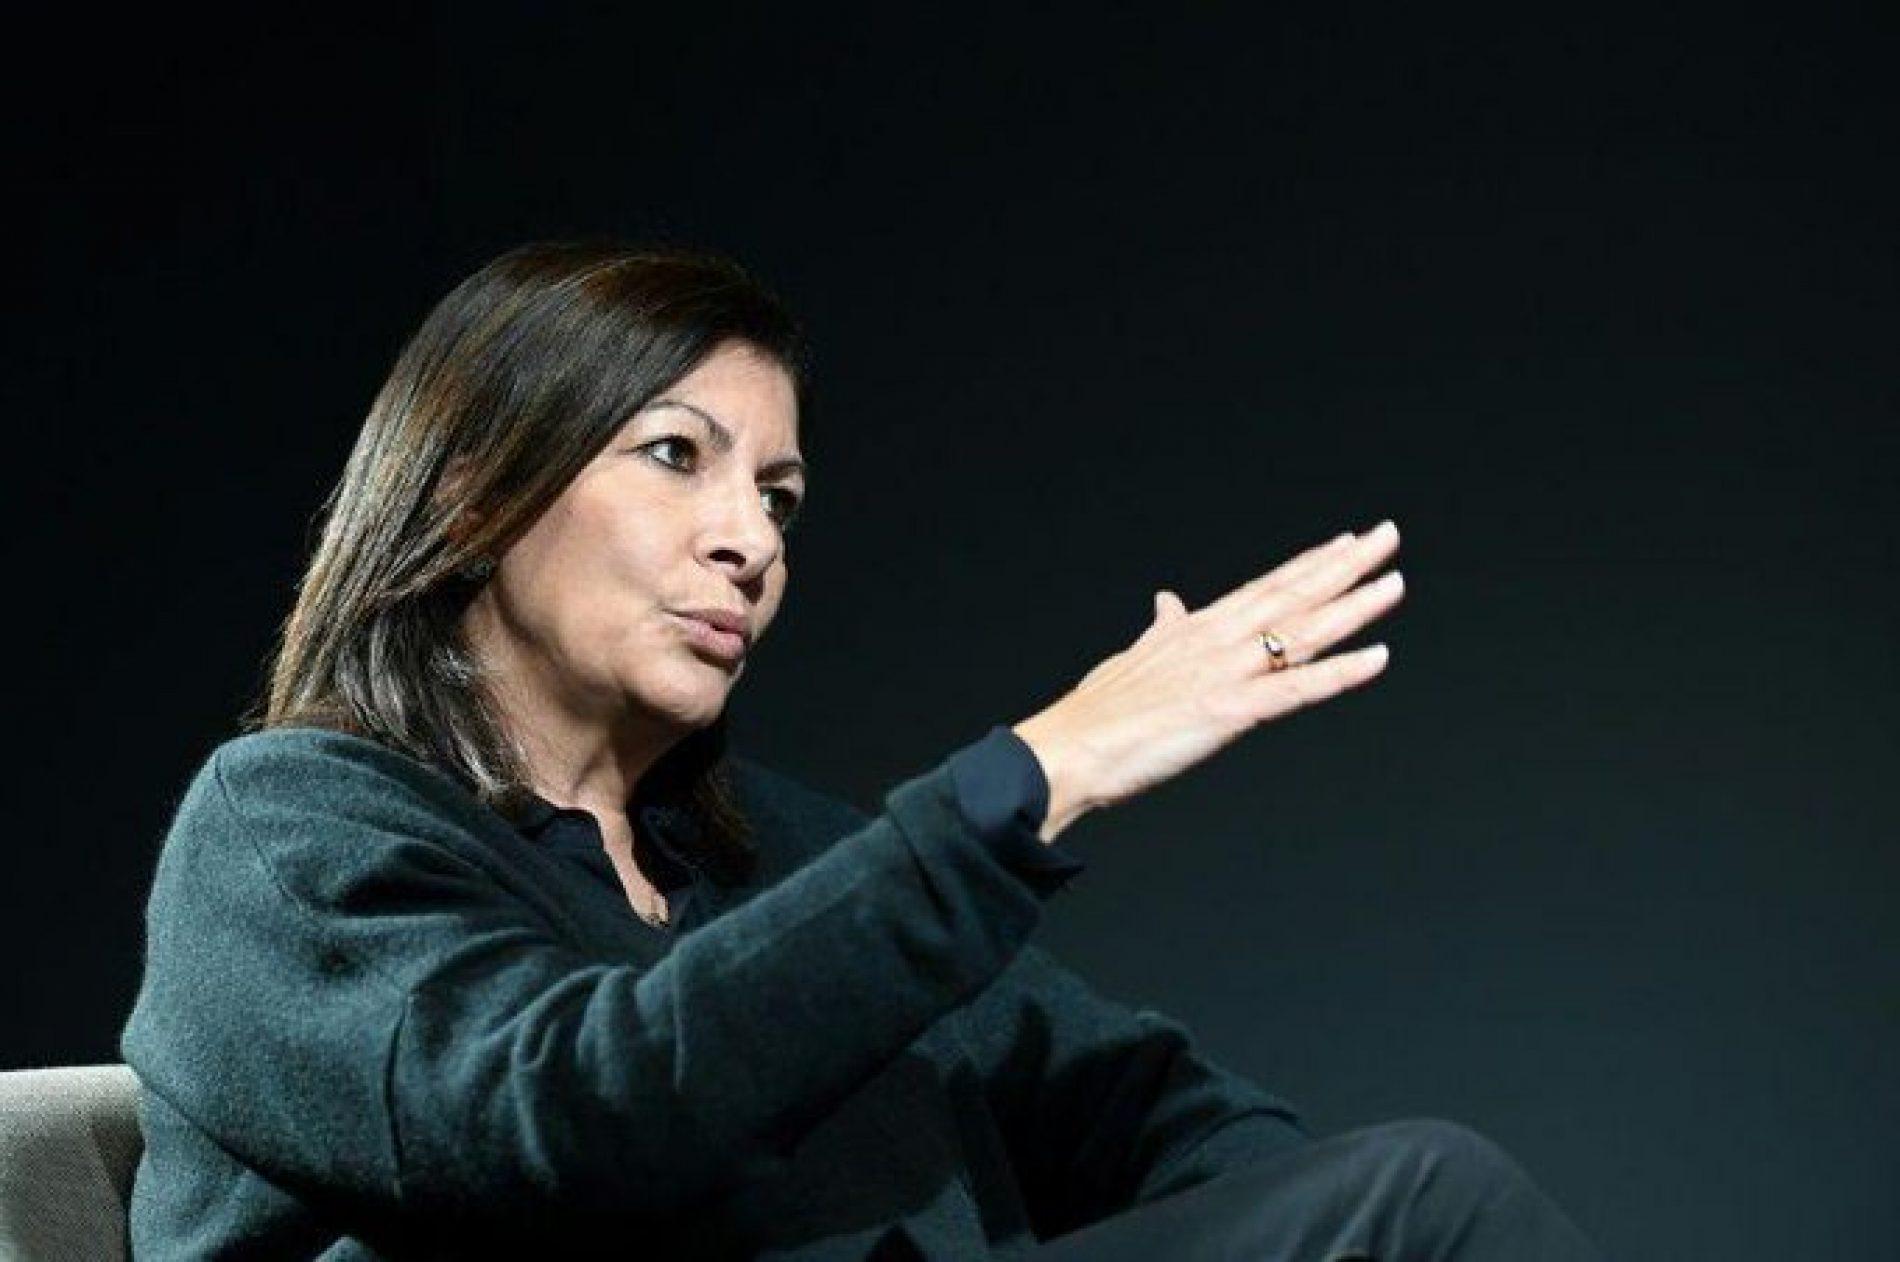 Municipales 2020 à Paris: Anne Hidalgo en tête du premier tour loin devant Rachida Dati